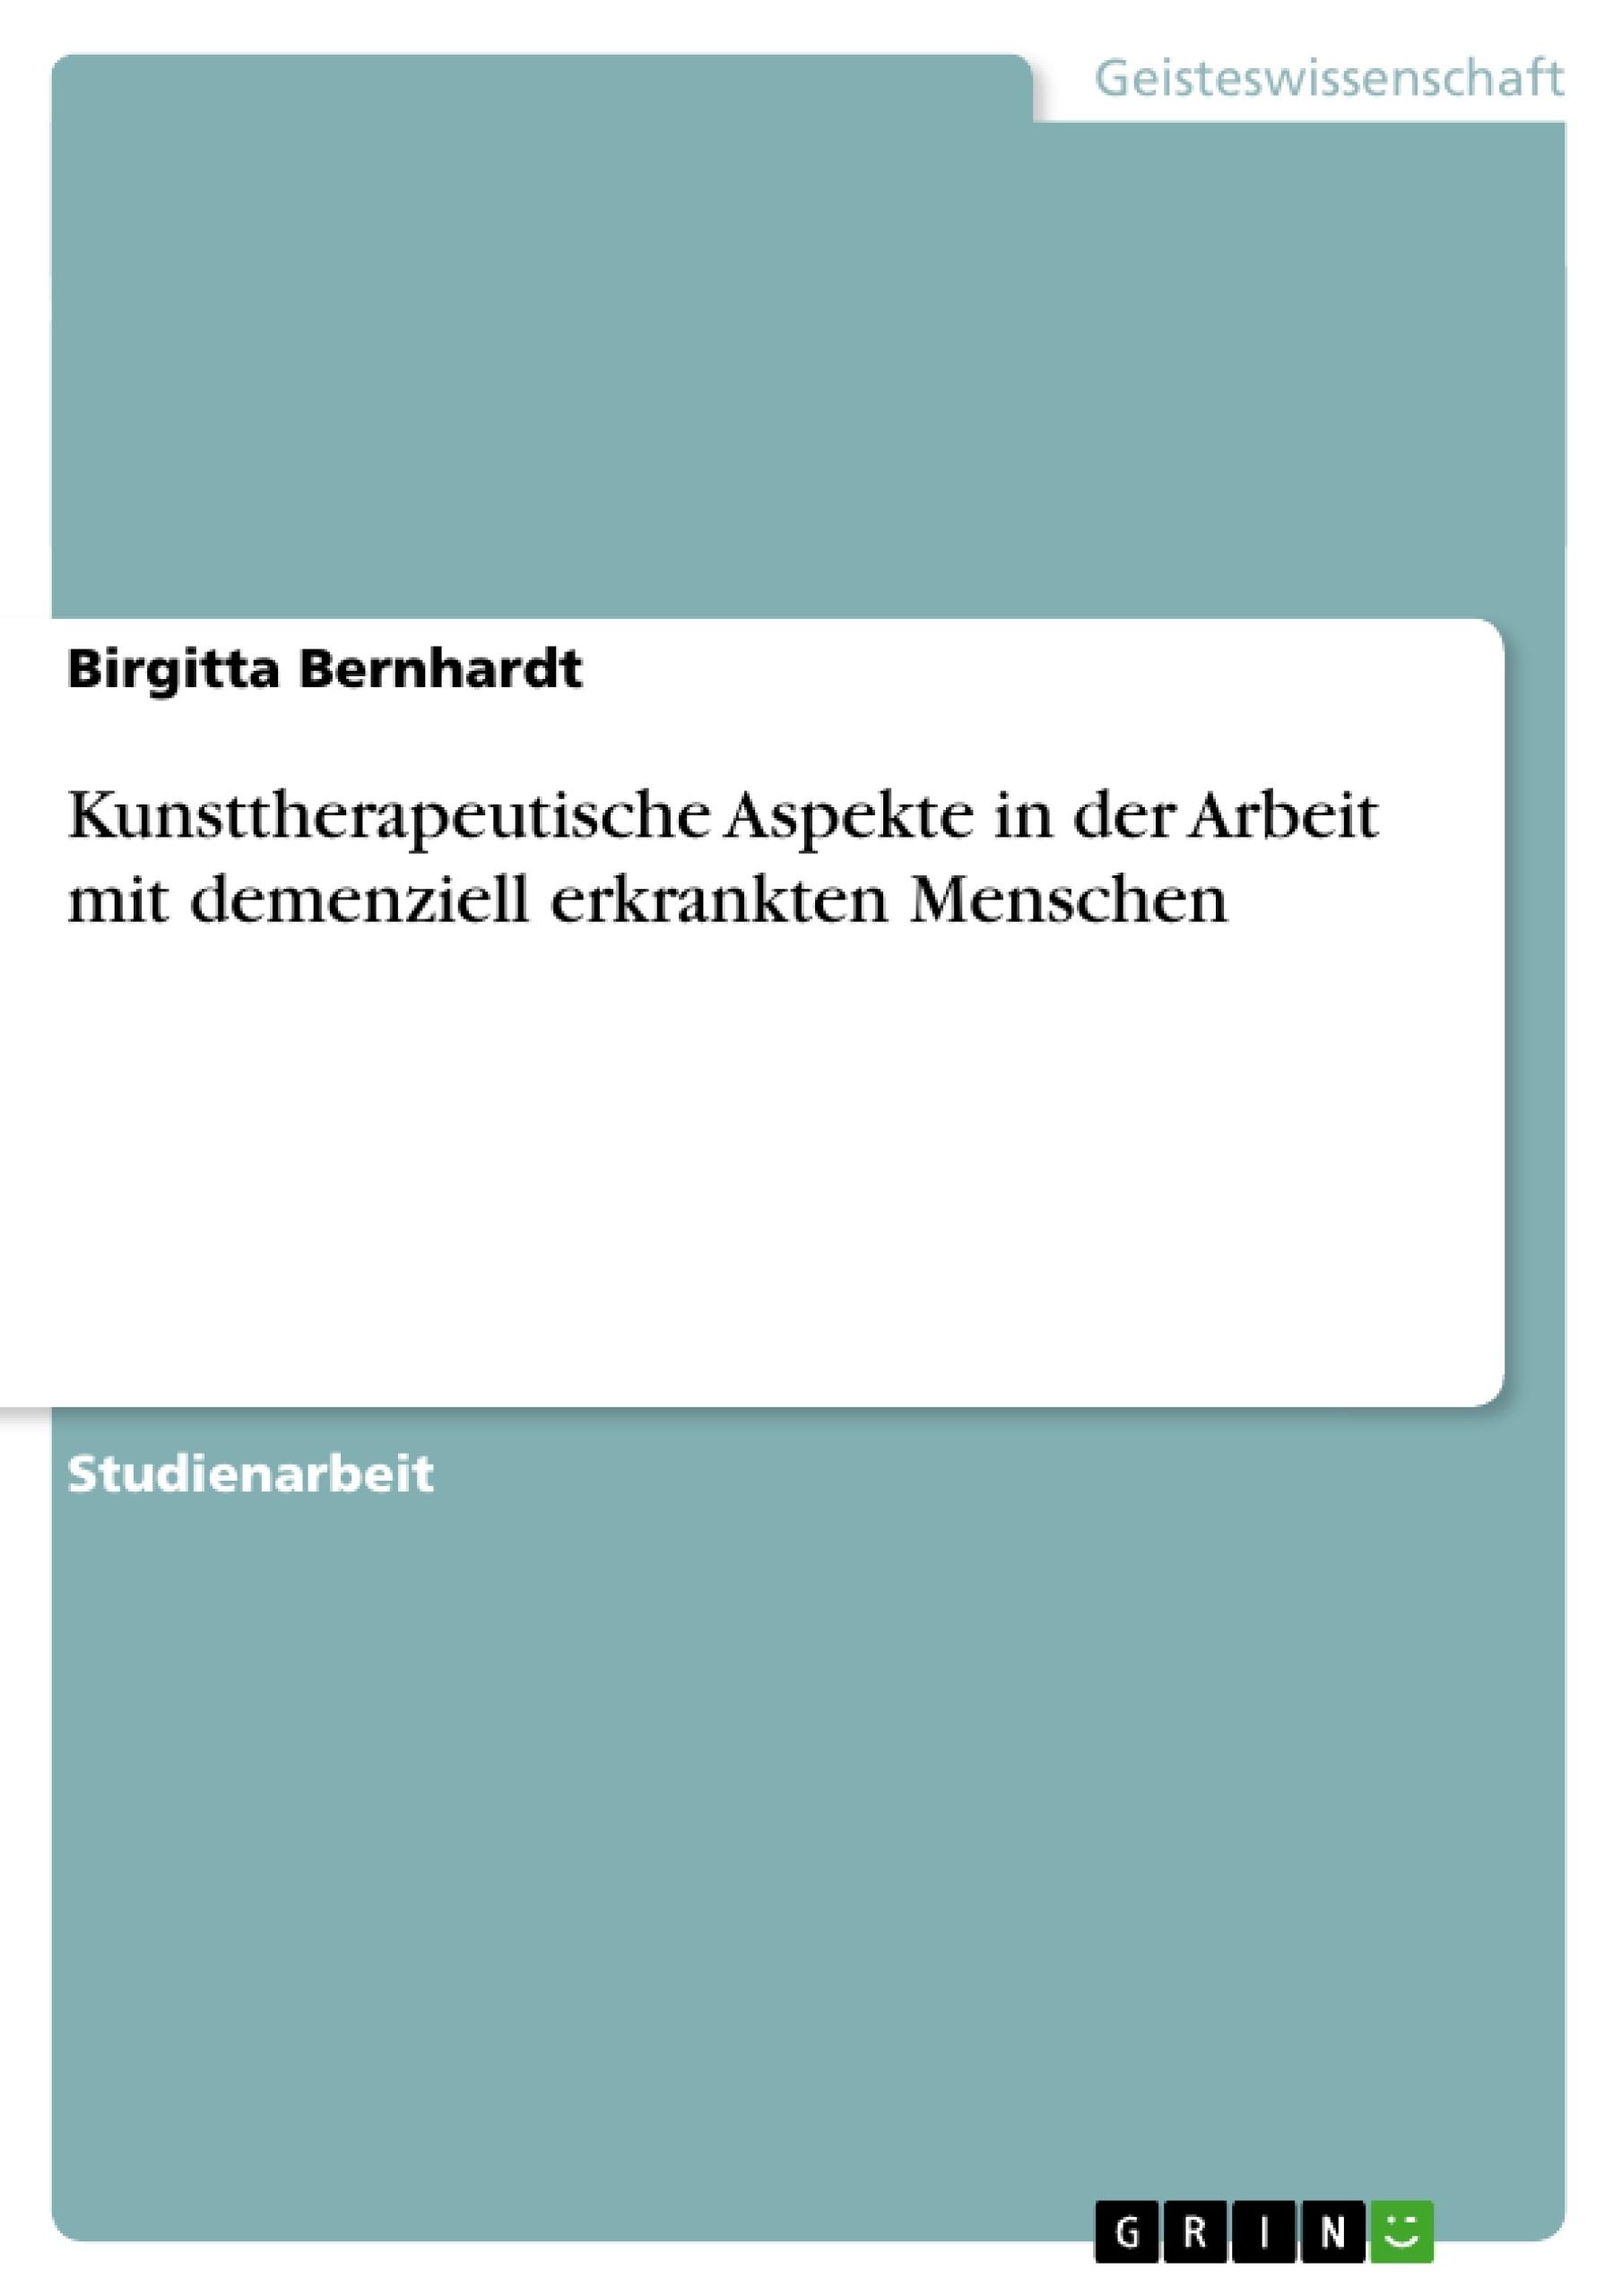 Titel: Kunsttherapeutische Aspekte in der Arbeit mit demenziell erkrankten Menschen